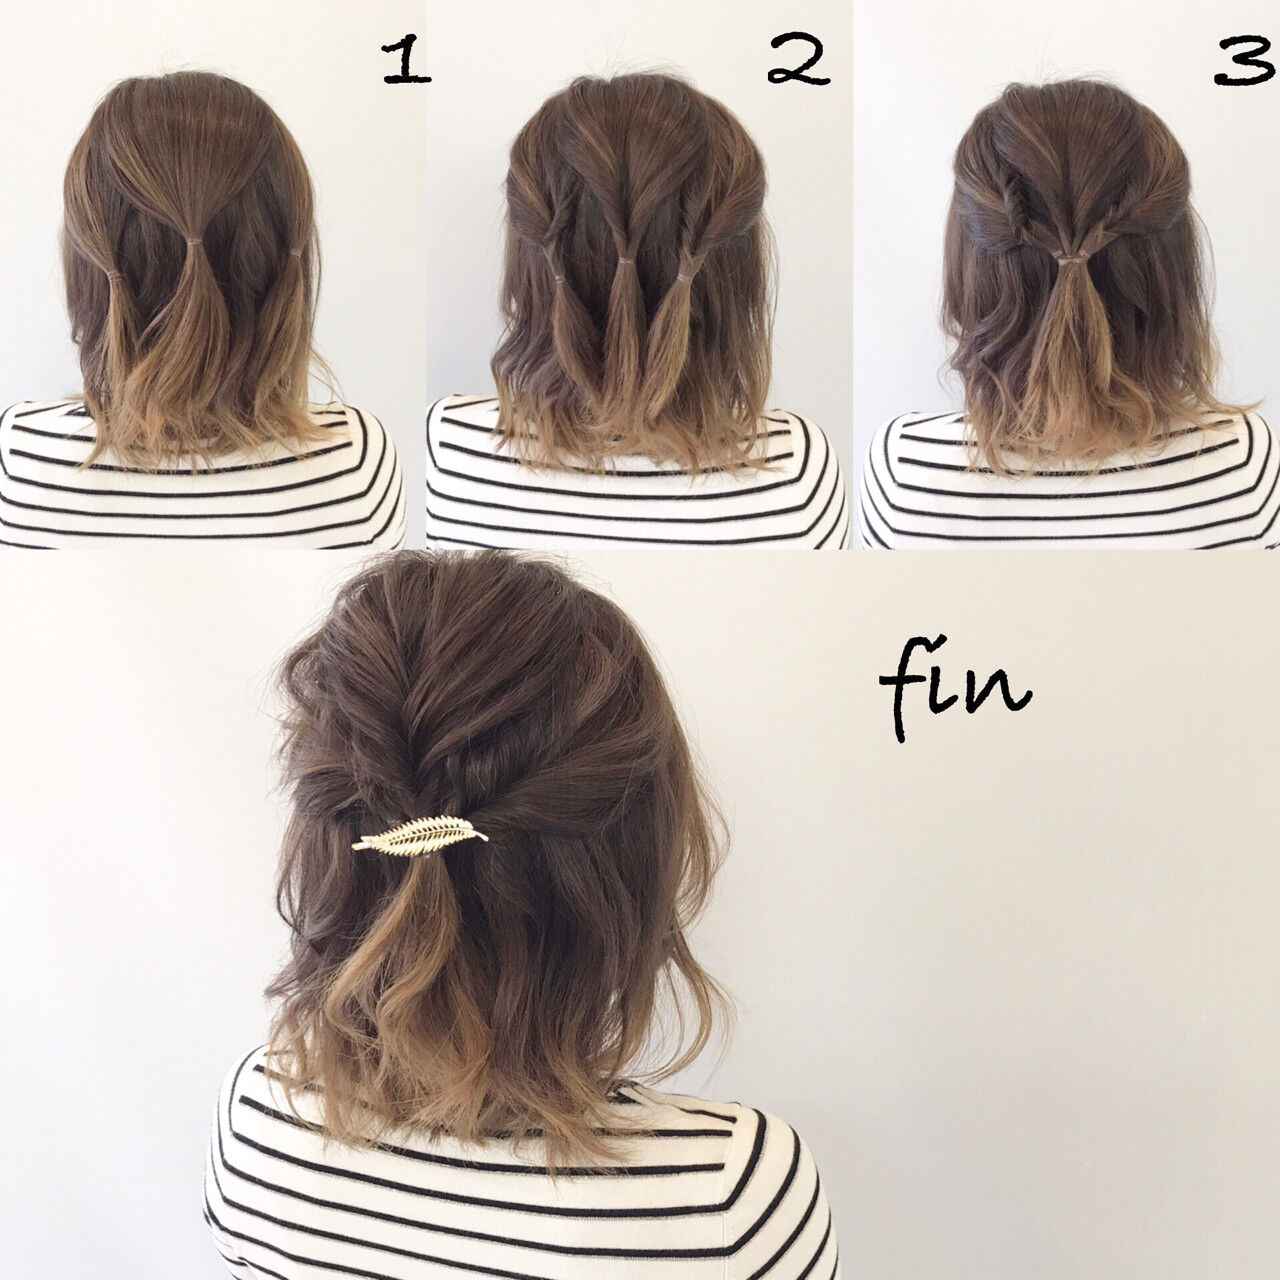 梅雨 簡単ヘアアレンジ 雨の日 ヘアアレンジヘアスタイルや髪型の写真・画像